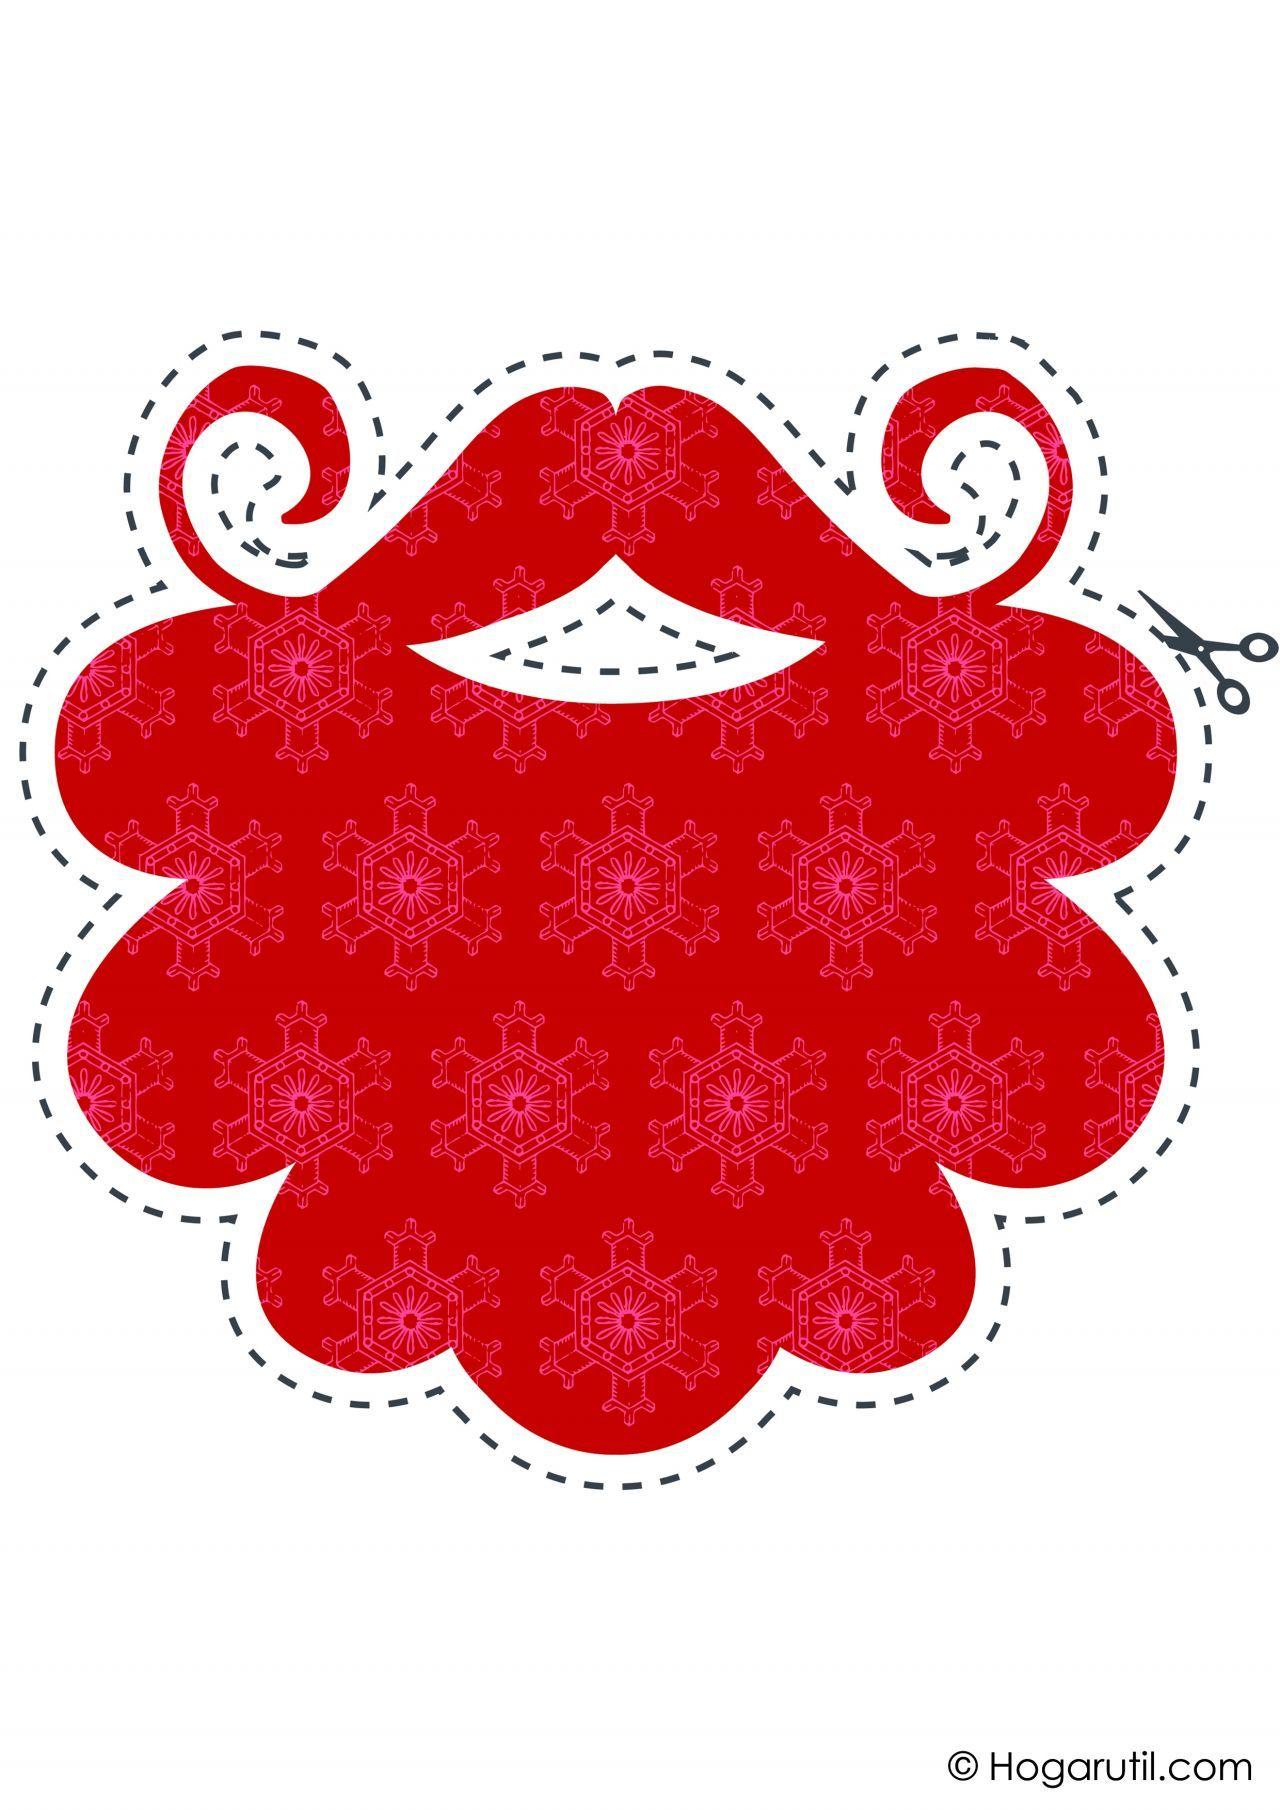 41e495b1838 Kit descargable para hacer un photocall de Navidad - Barba roja ...